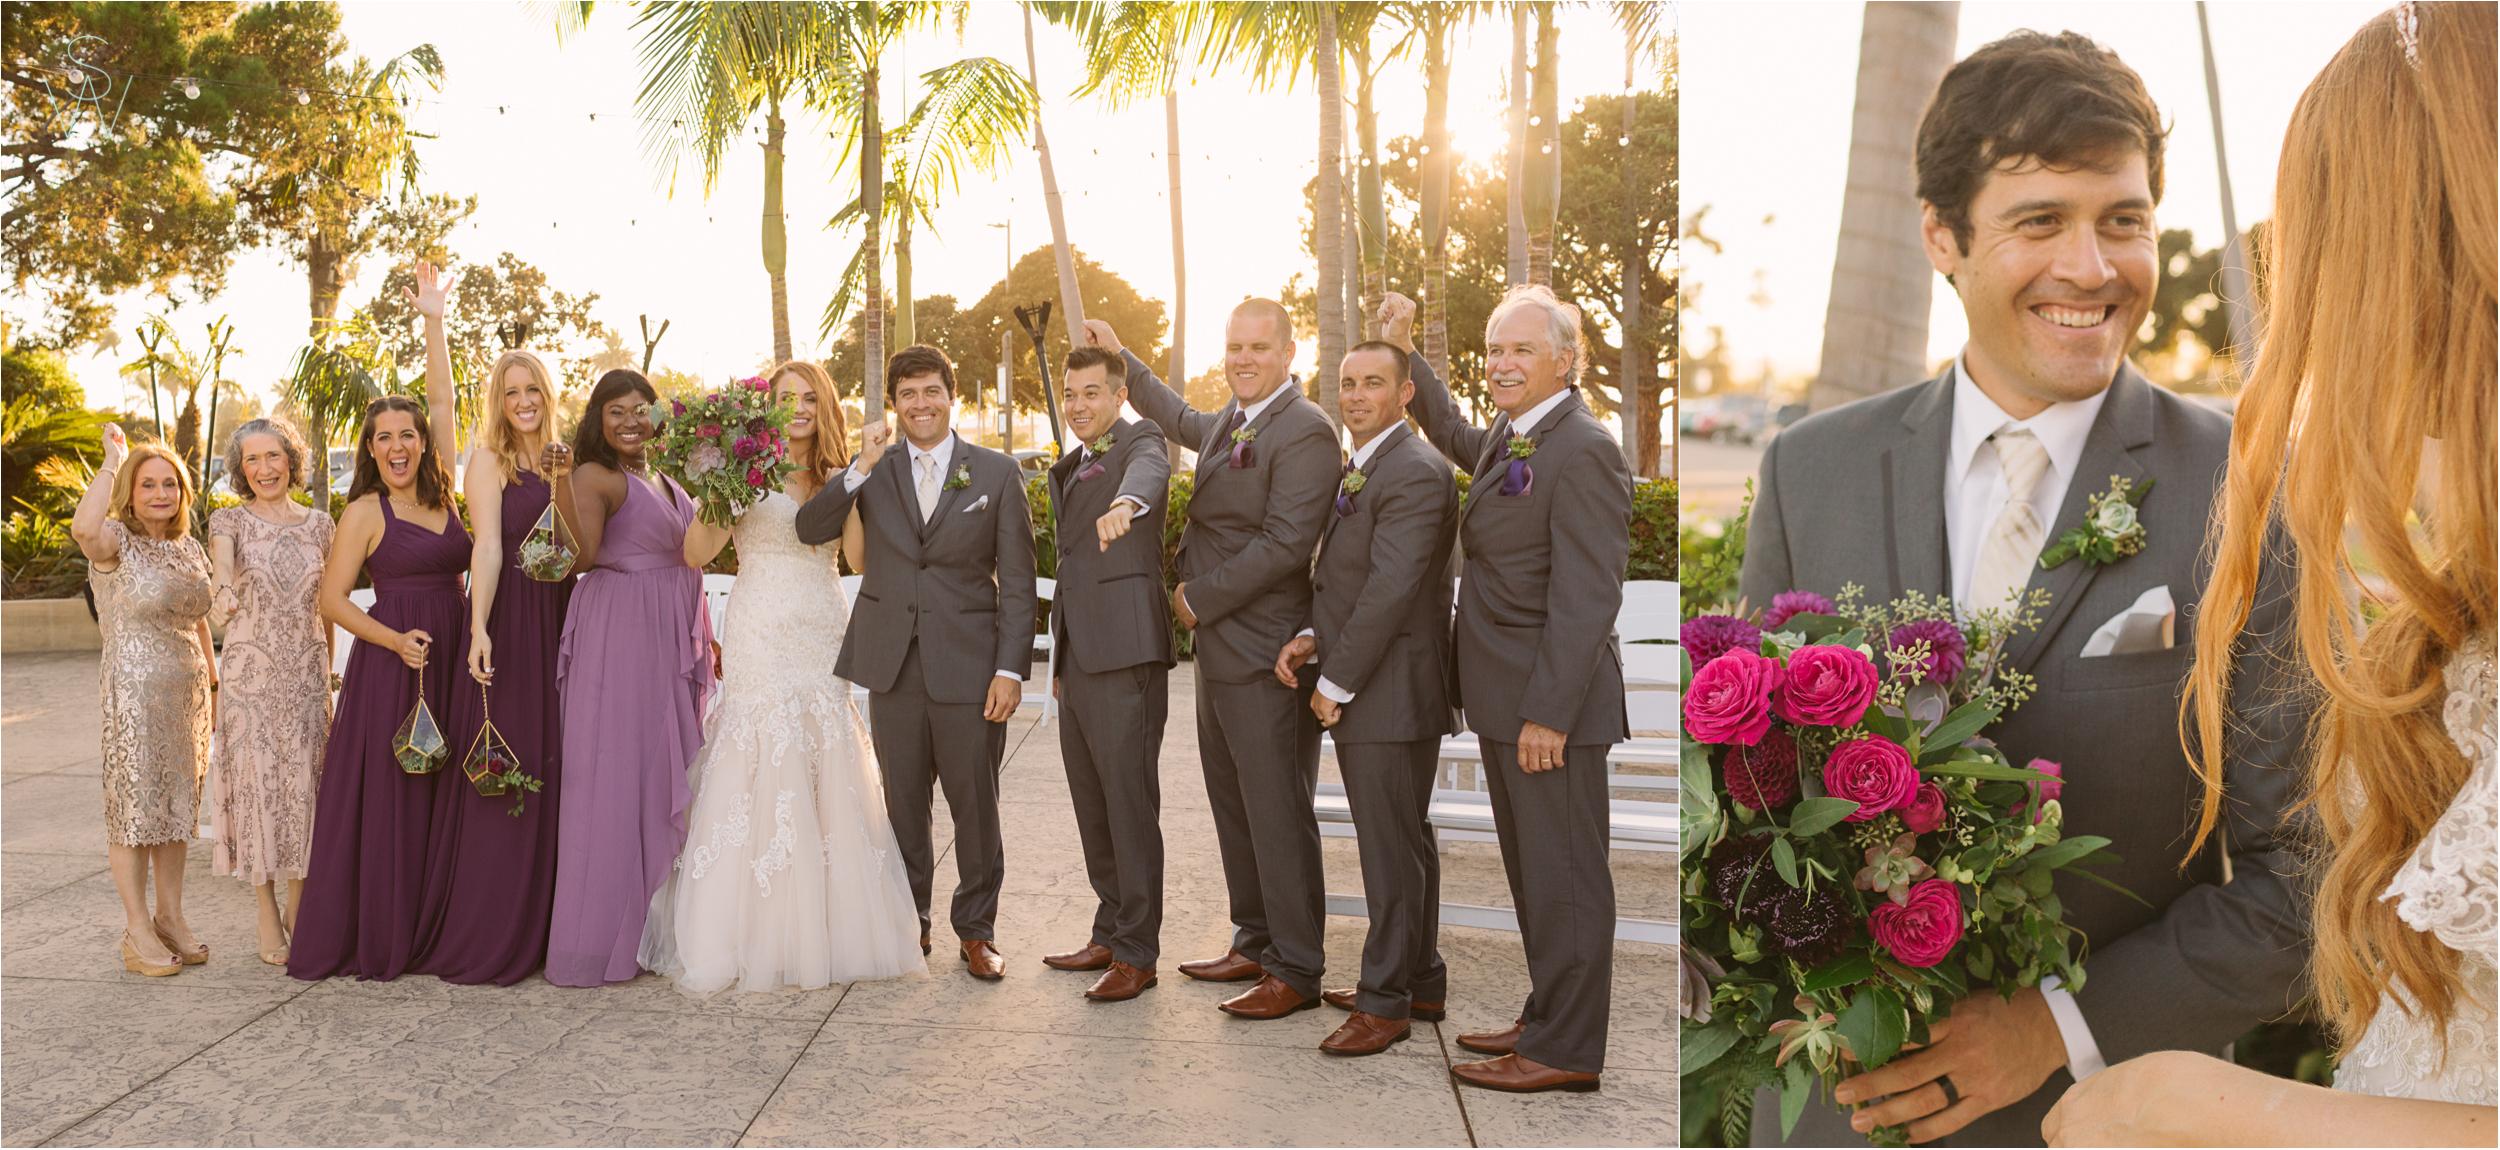 152San.diego.wedding.shewanders.photography.JPG